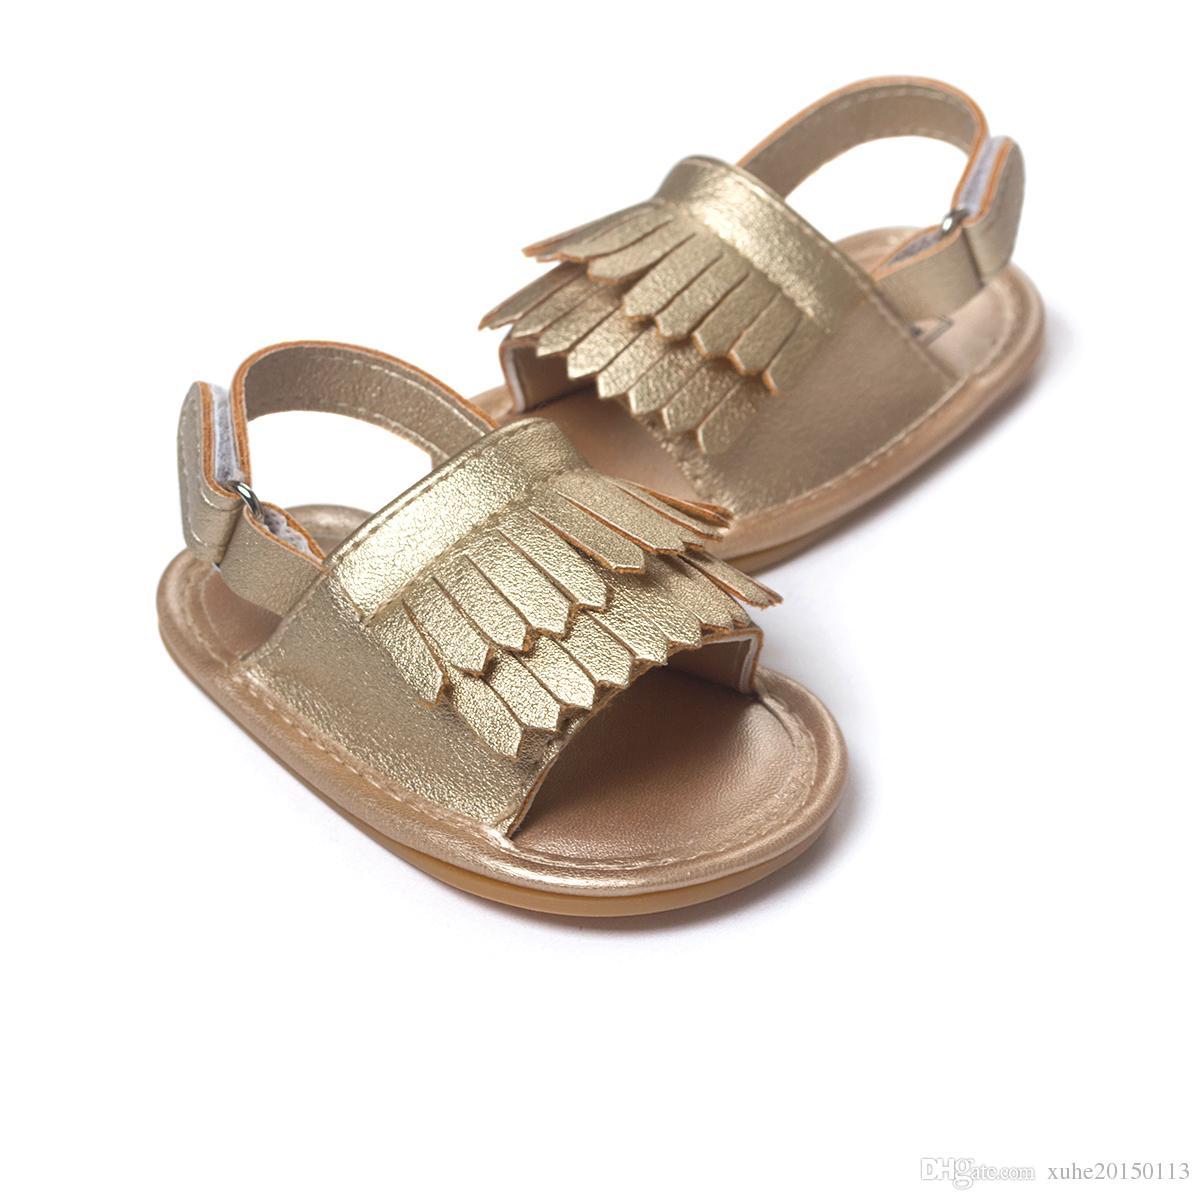 be5d78cf13ea Summer Tassel Toddler Shoes Baby Moccasins Kids Moccs Baby Shoes Kids  Sandals Fringe Boy Shoes Boys Girls Shoes 2016 New Designed Moccs Toddler  Boots Girl ...